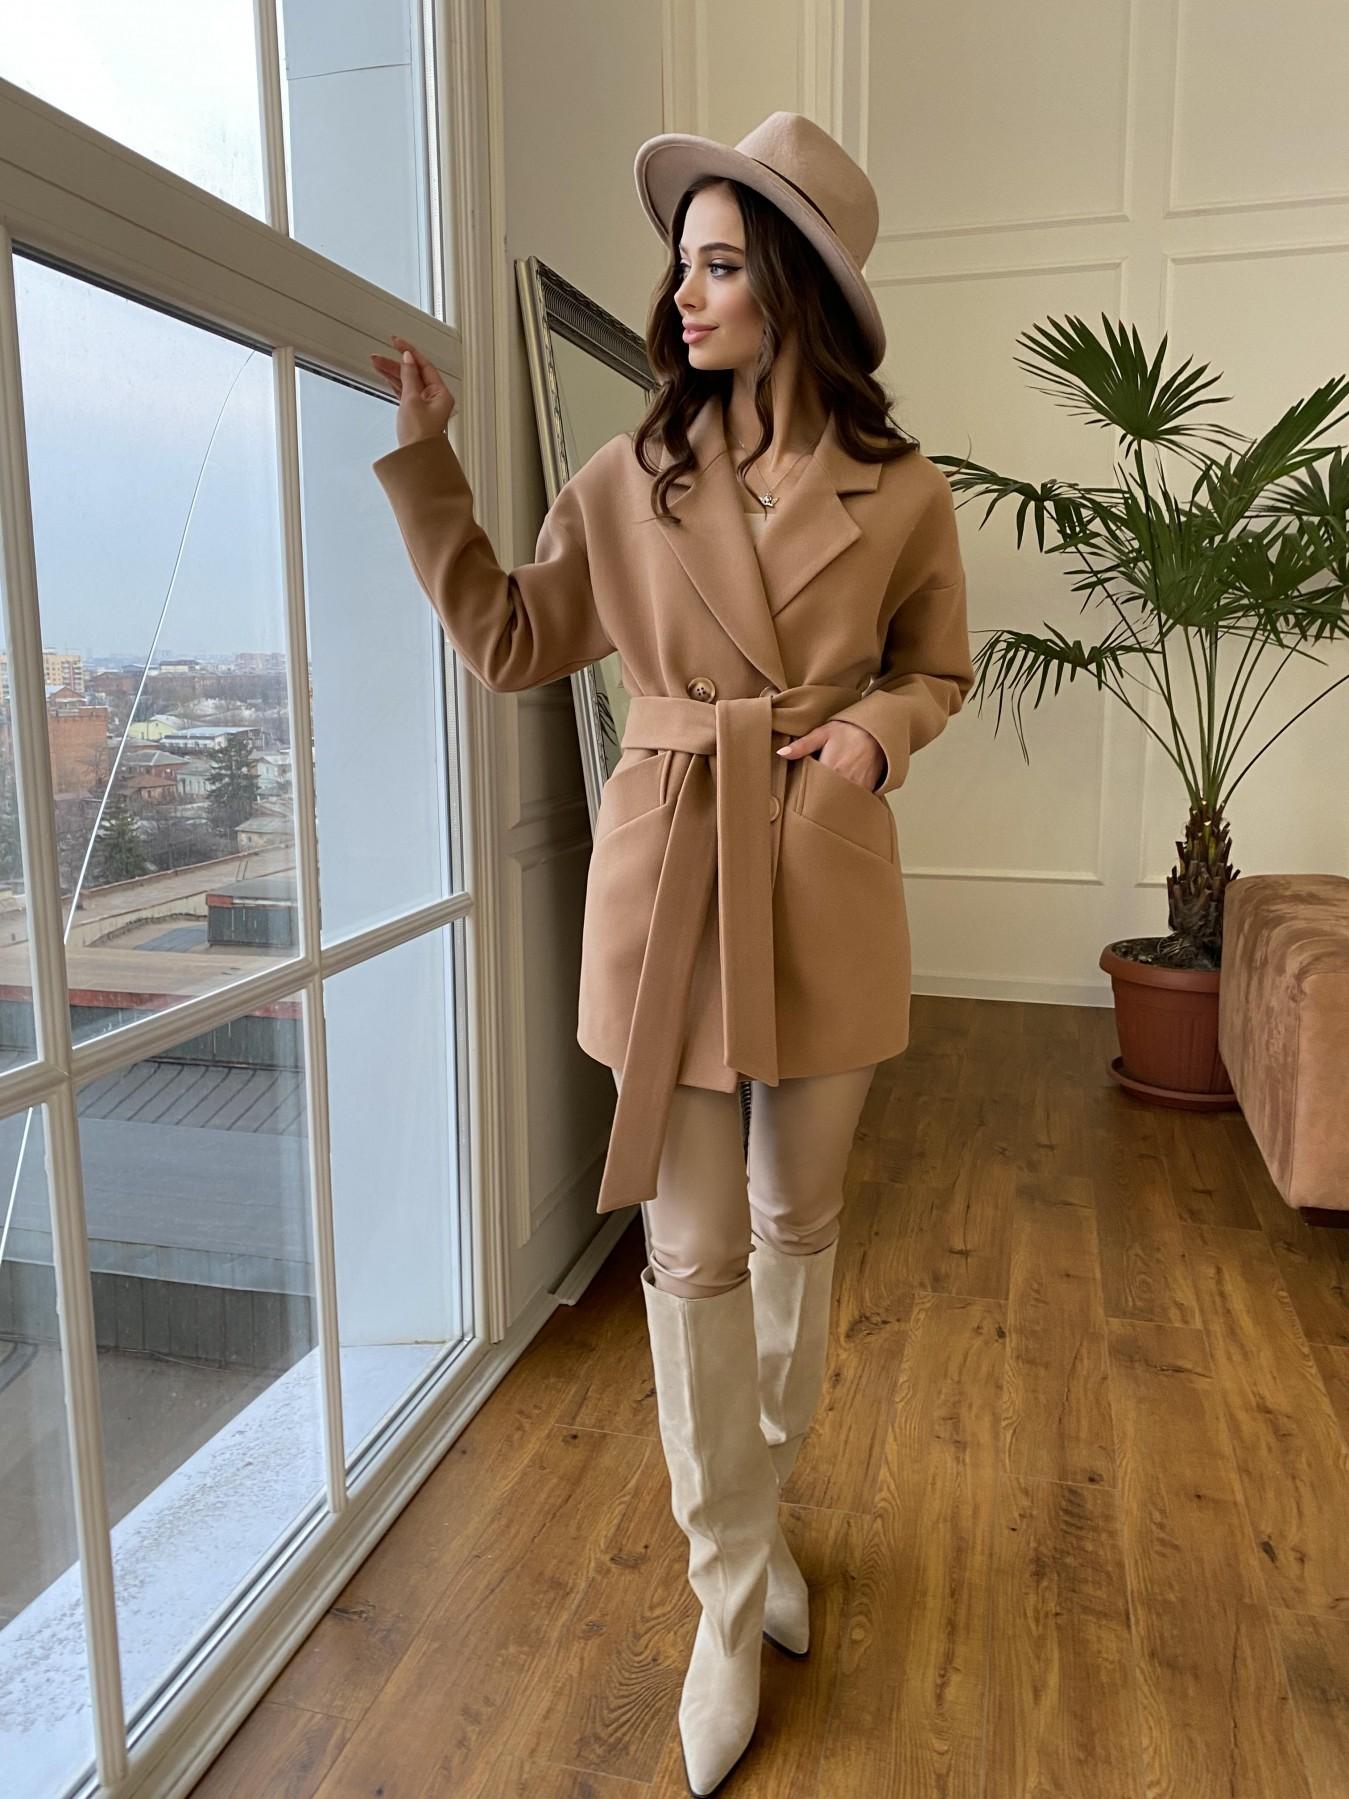 Бонд пальто из кашемира  10571 АРТ. 47437 Цвет: Кемел 8132 - фото 3, интернет магазин tm-modus.ru